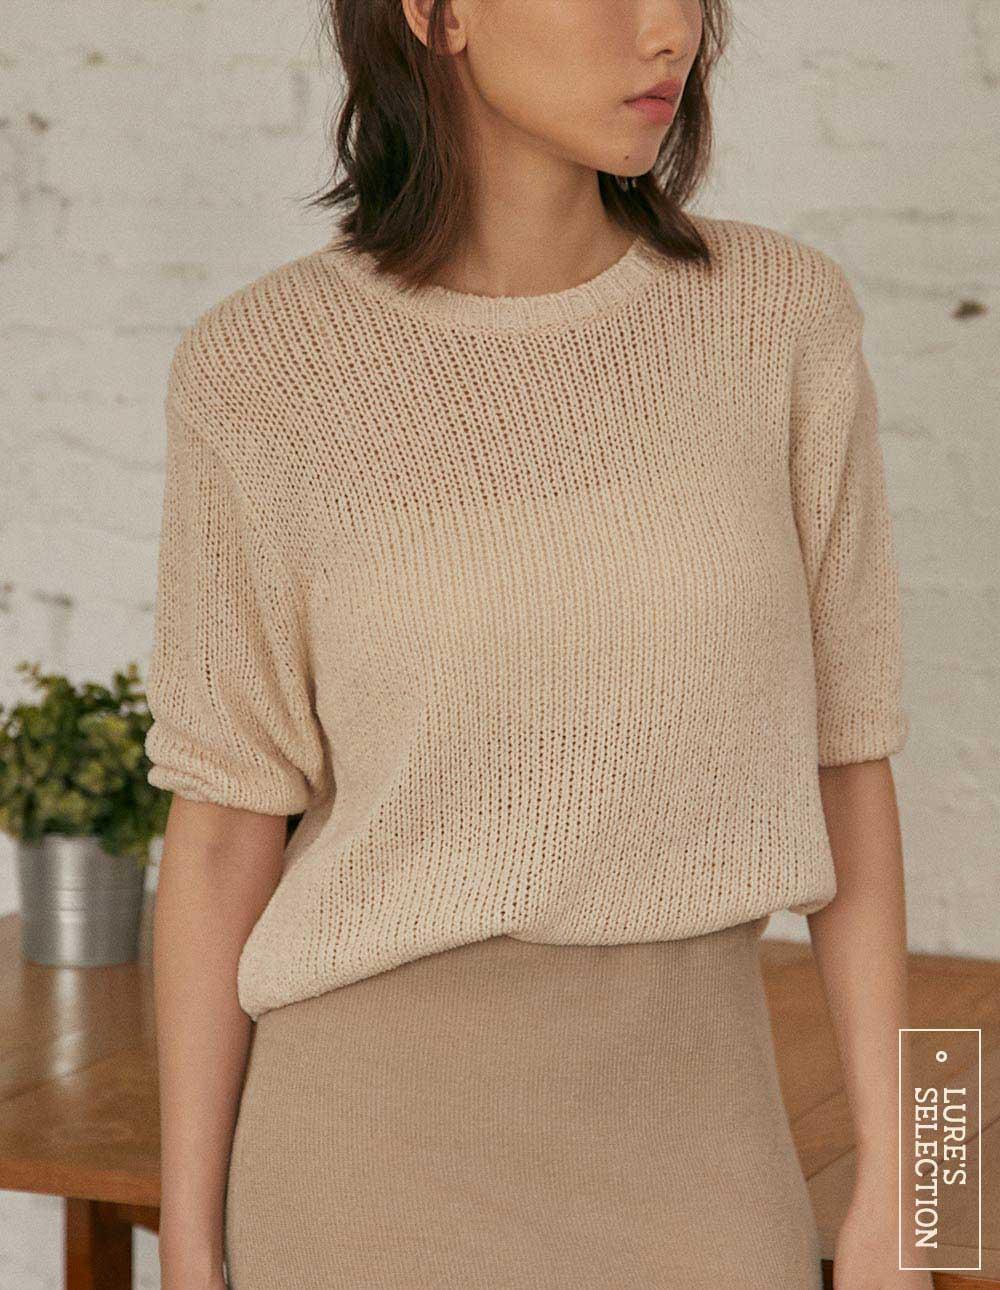 選品系列:透視感短袖針織上衣